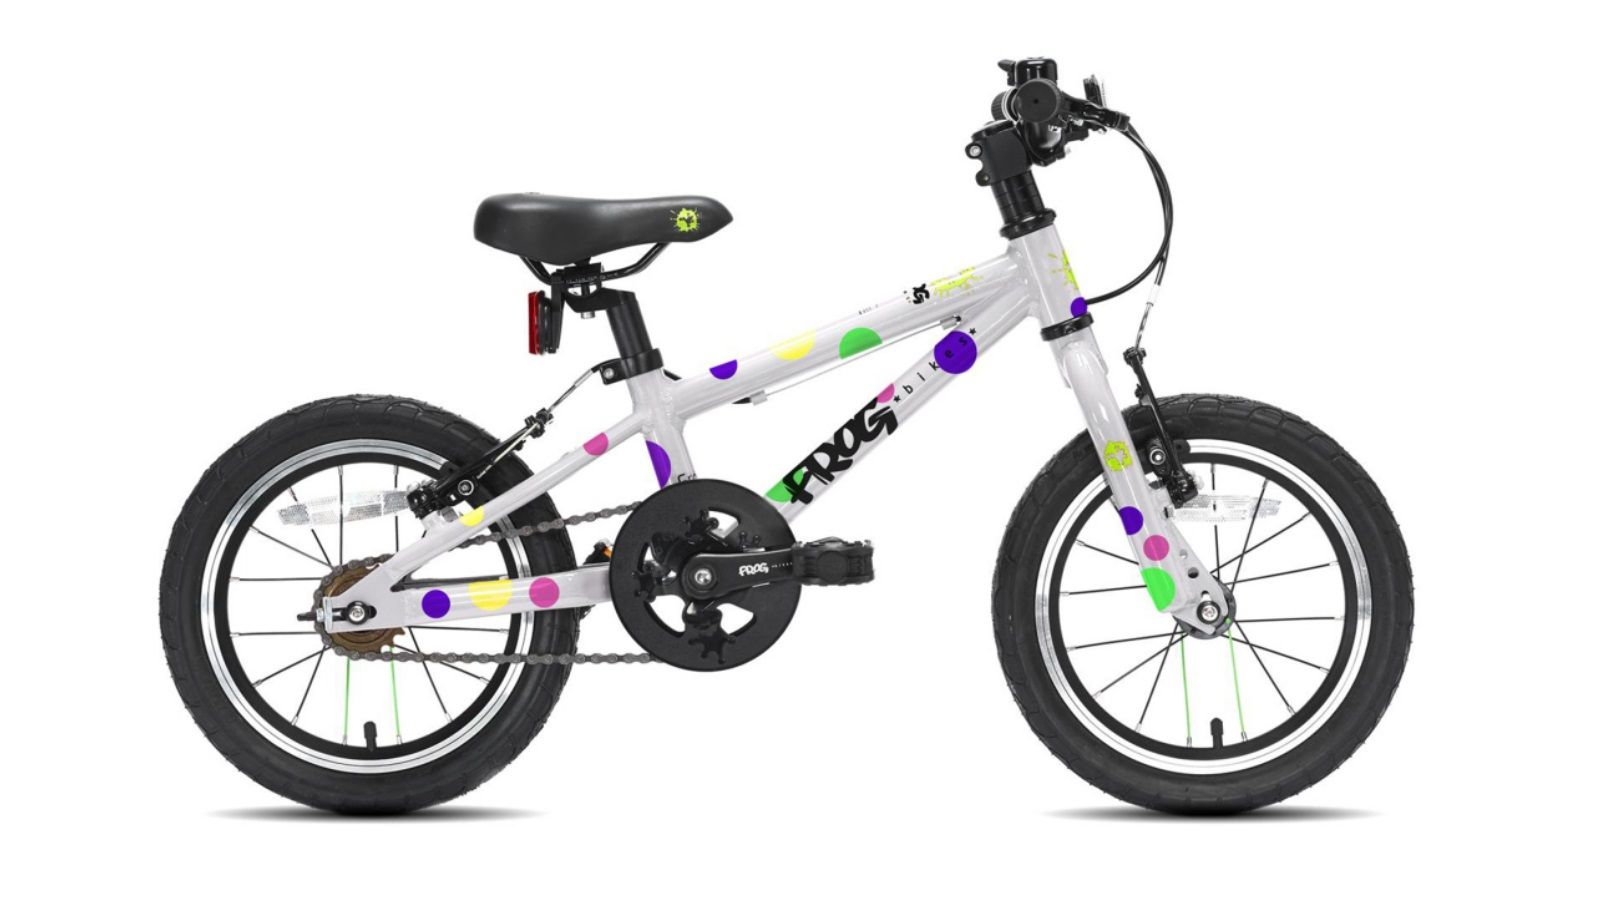 Pin By Buysolutionz On Best Kids Bikes Best Kids Bike